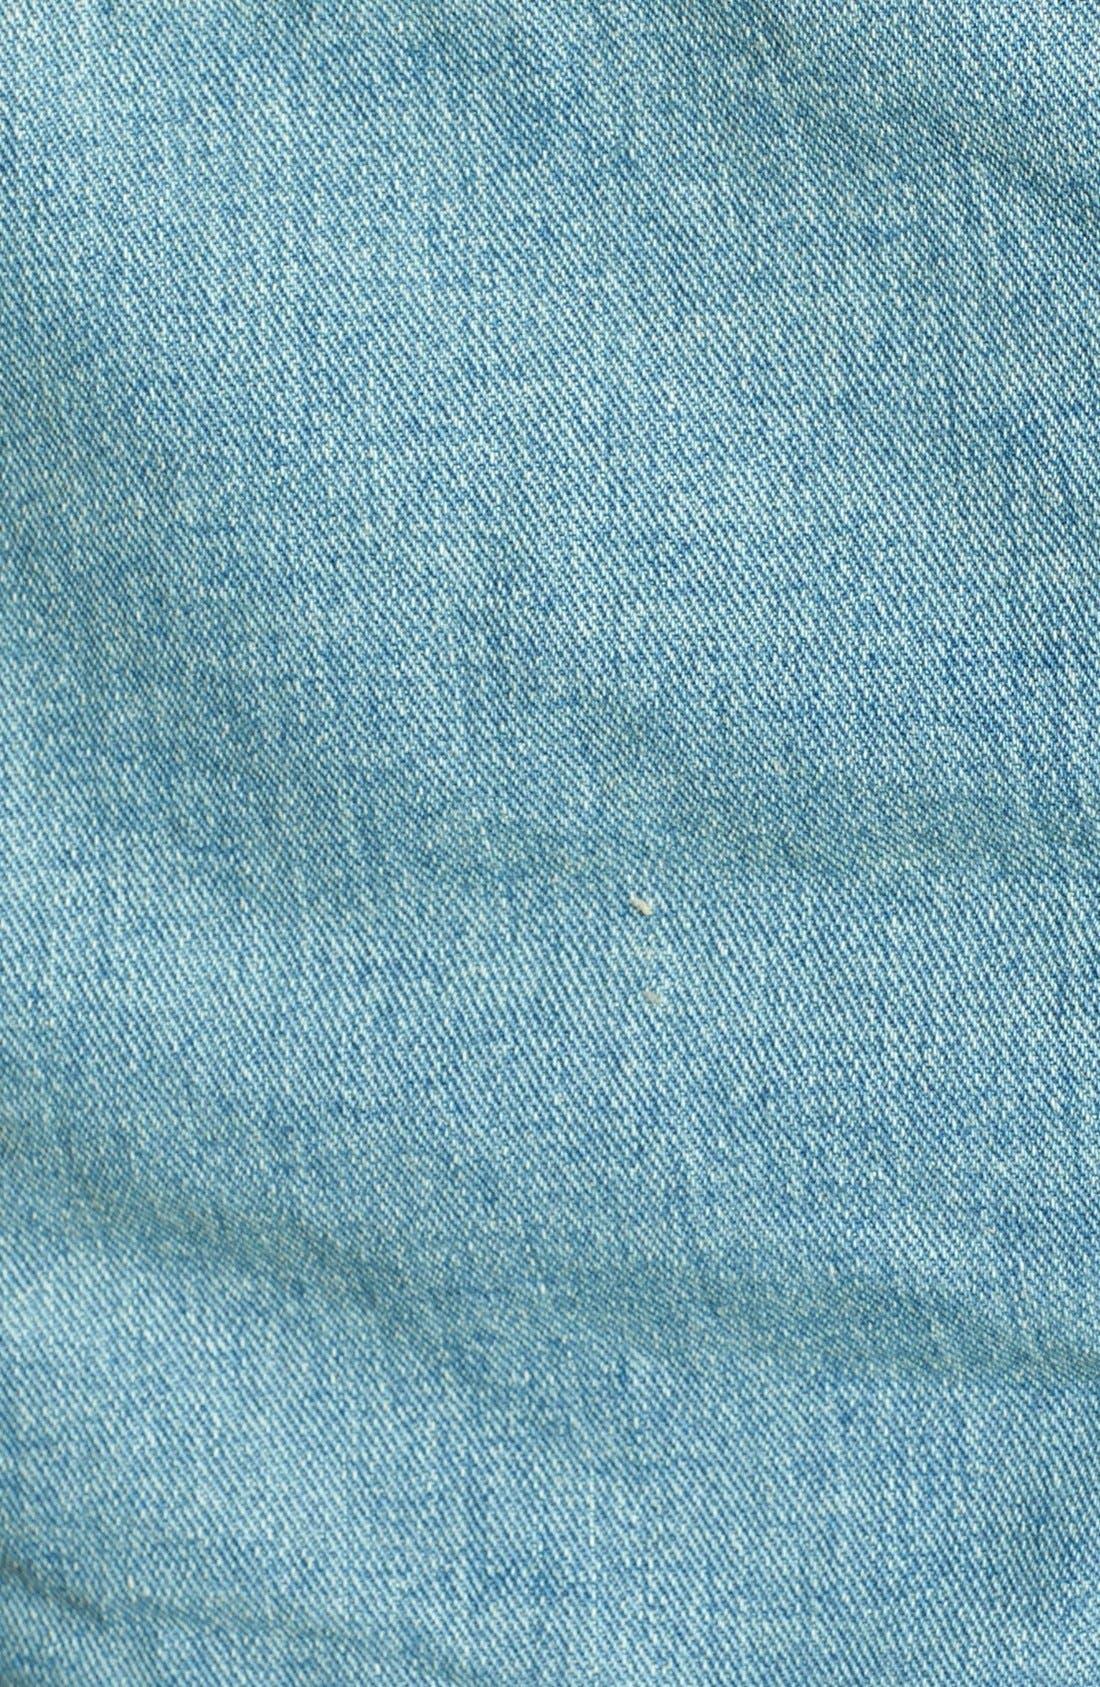 Alternate Image 3  - Free People Distressed Denim Crop Jacket